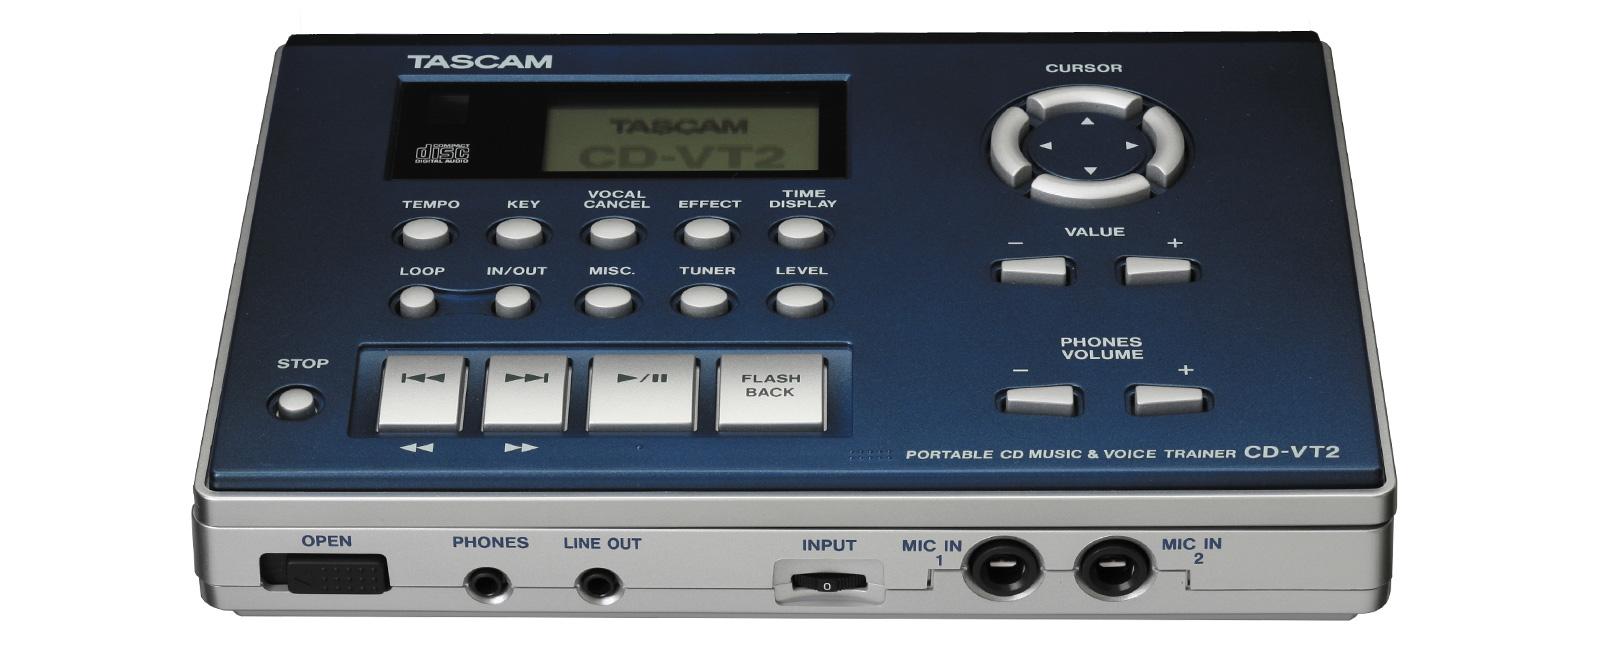 CD-VT2 | 製品トップ | TASCAM (...